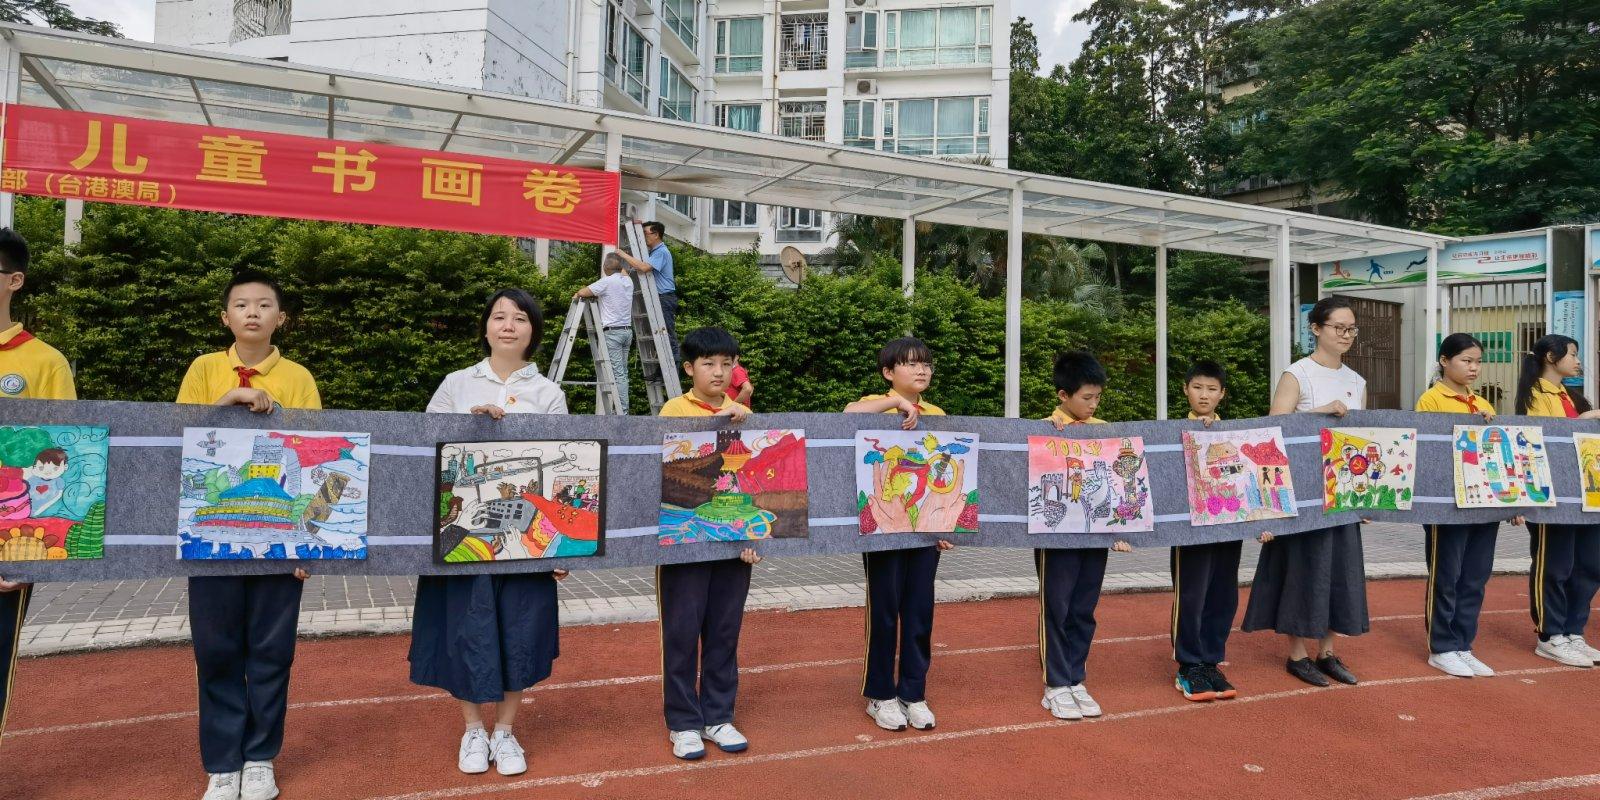 (多圖)深圳港生獻百米畫卷 慶祝建黨百年